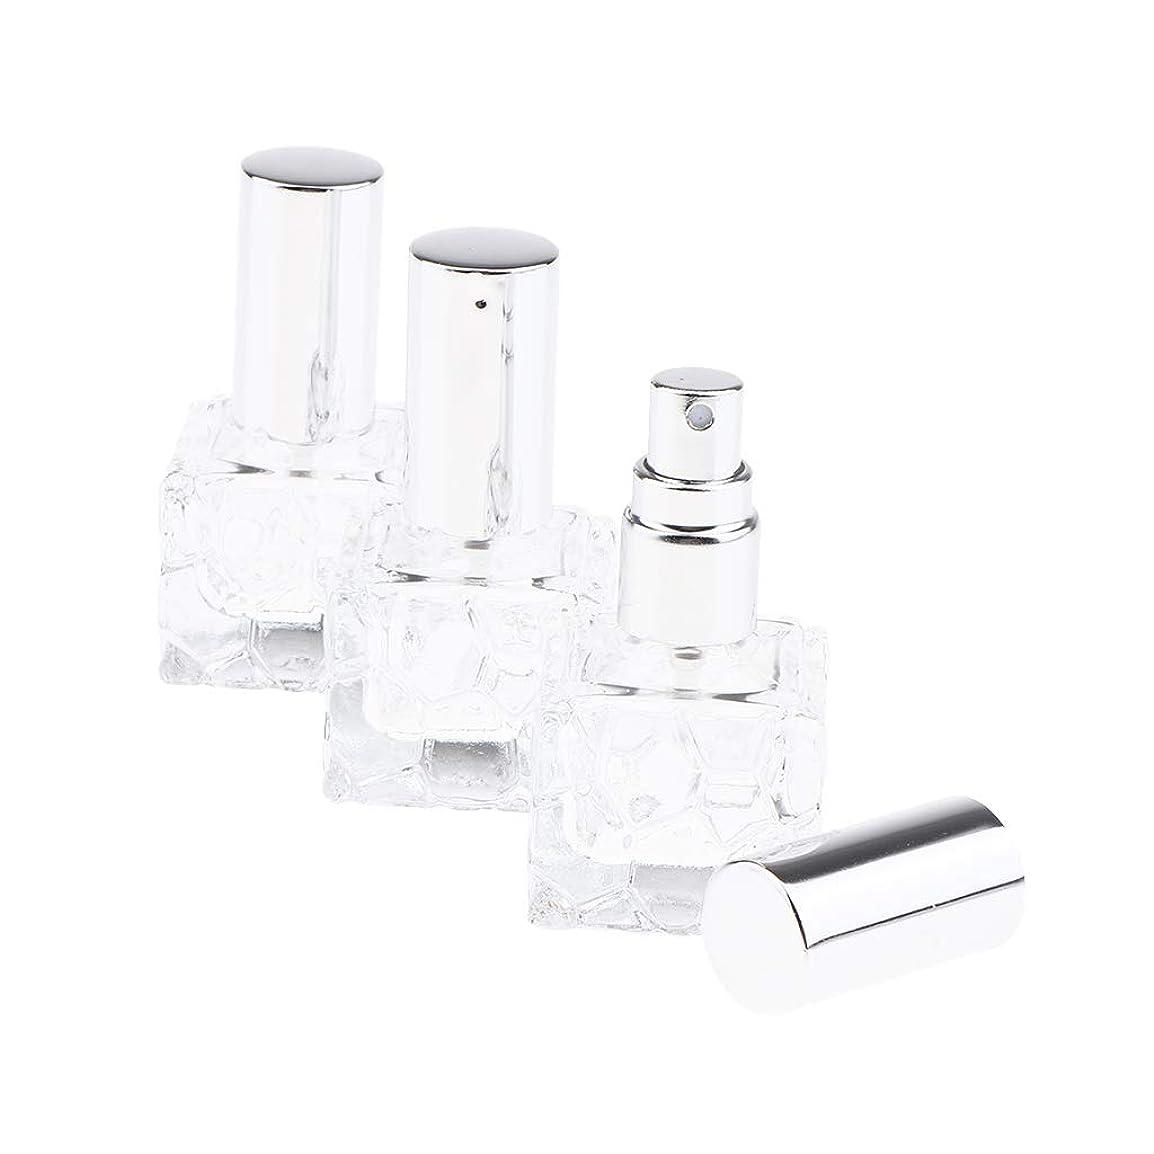 ドロップ精巧な天使SM SunniMix 香水瓶 ポンプ式 スプレーボトル ガラス 香水アトマイザー 香水噴霧器 香水入れ 携帯用 2種選択でき - 10ml 3個